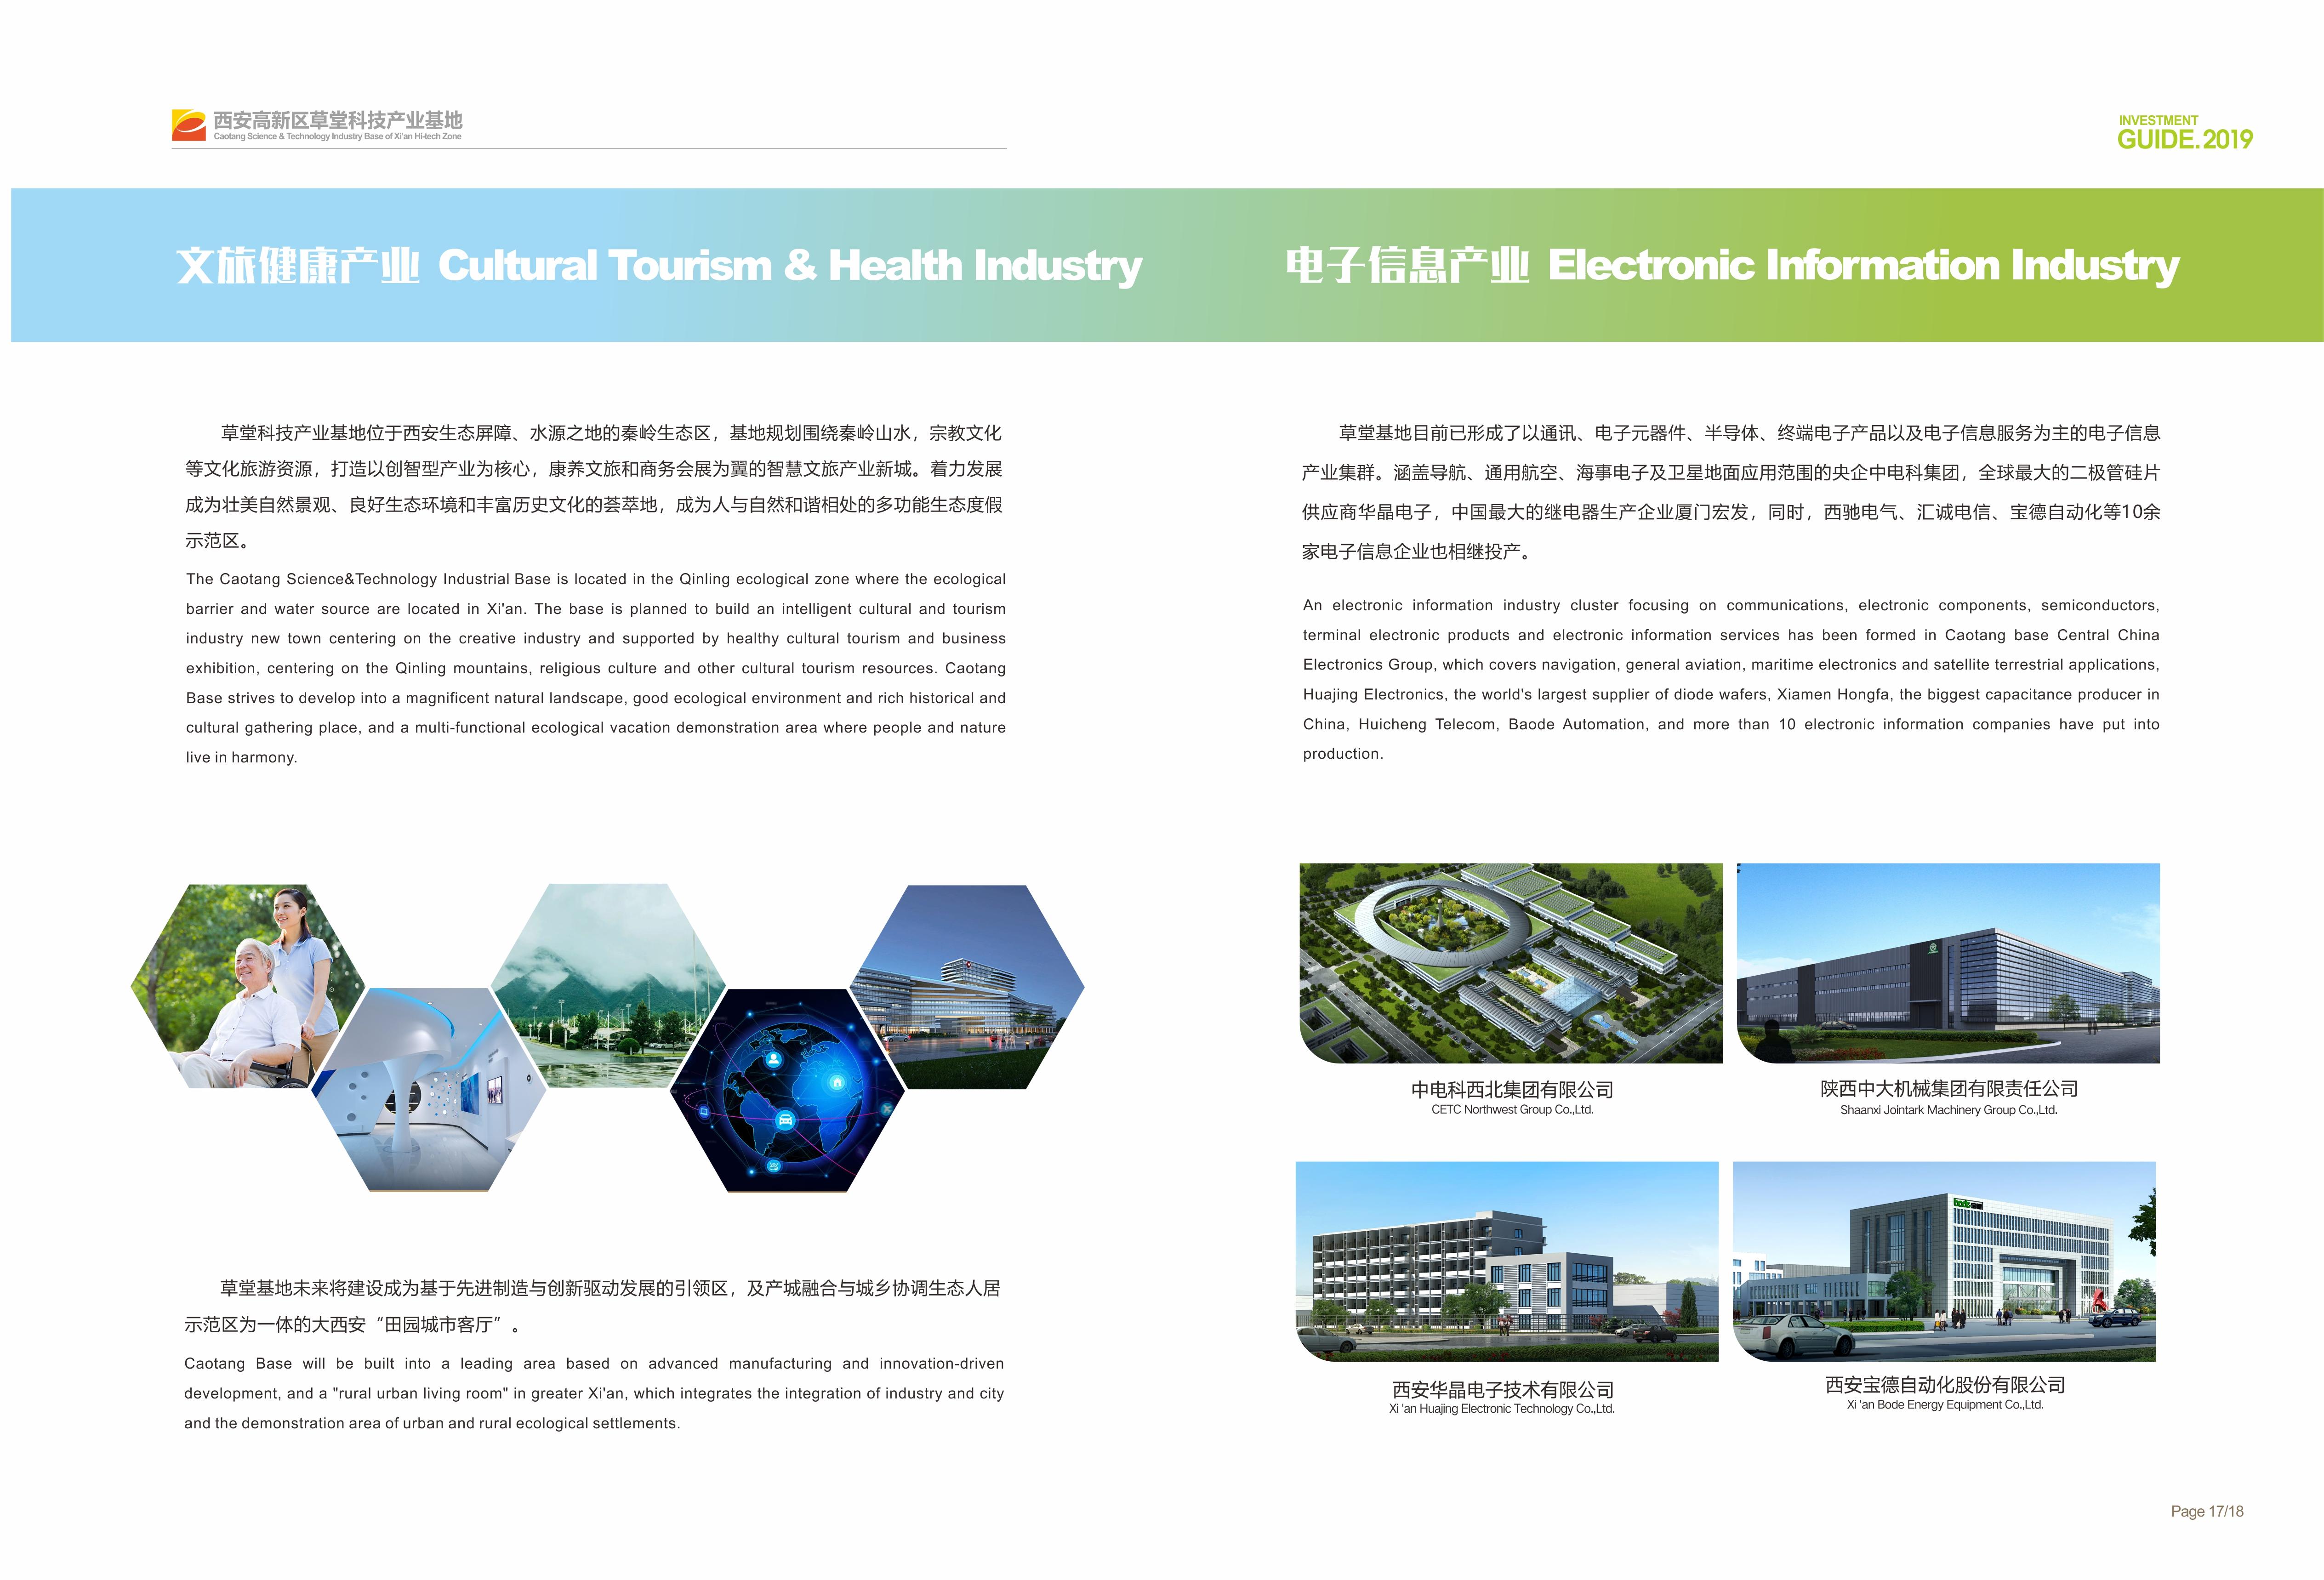 西安高新技术产业开发区草堂科技产业基地-4